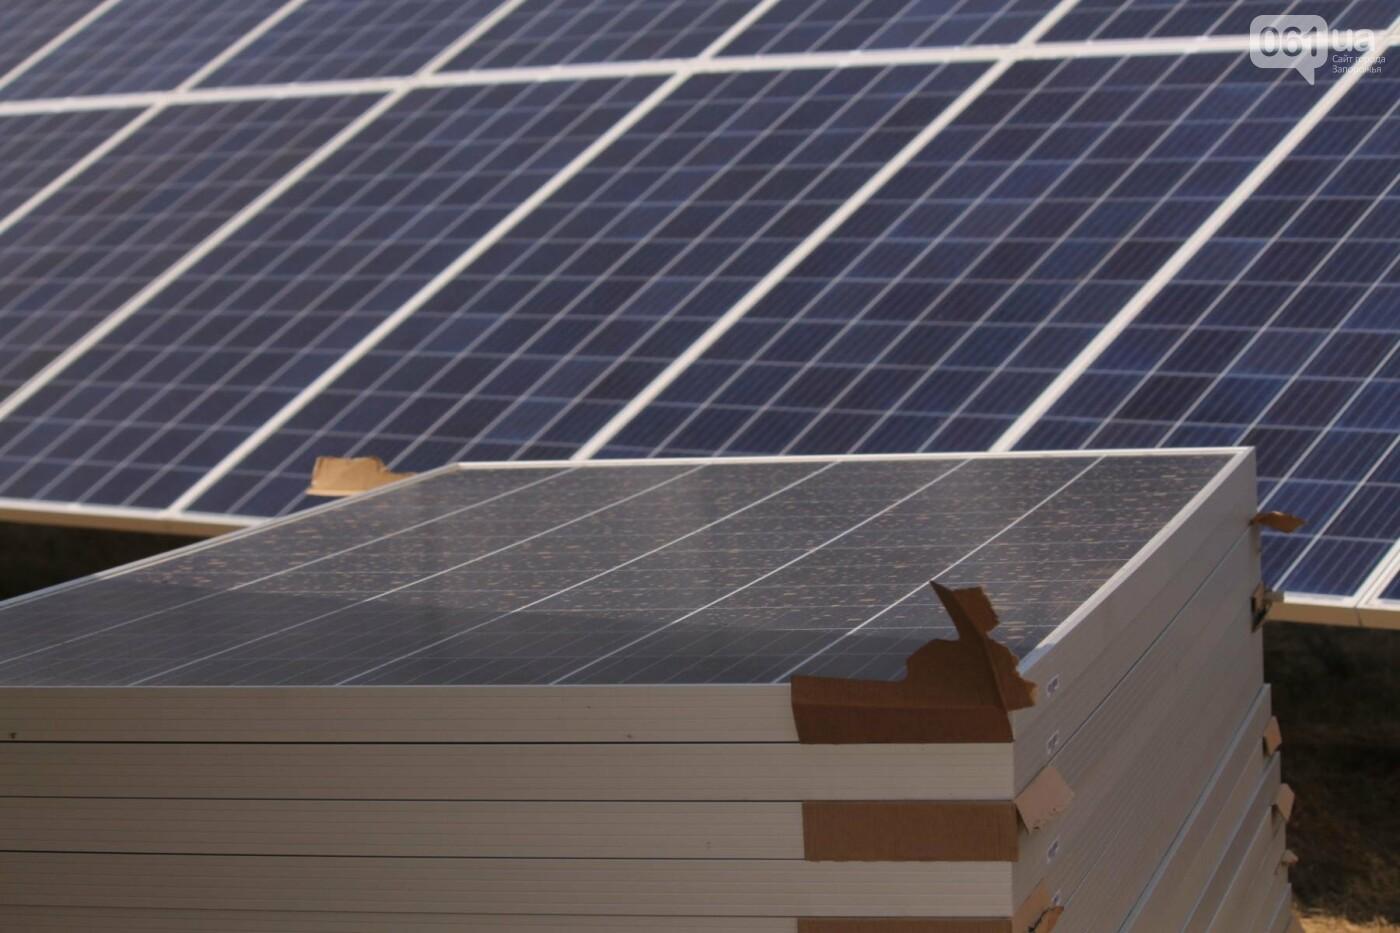 Как в Запорожской области работает крупнейшая в Украине солнечная станция: экскурсия на производство, — ФОТОРЕПОРТАЖ, фото-57